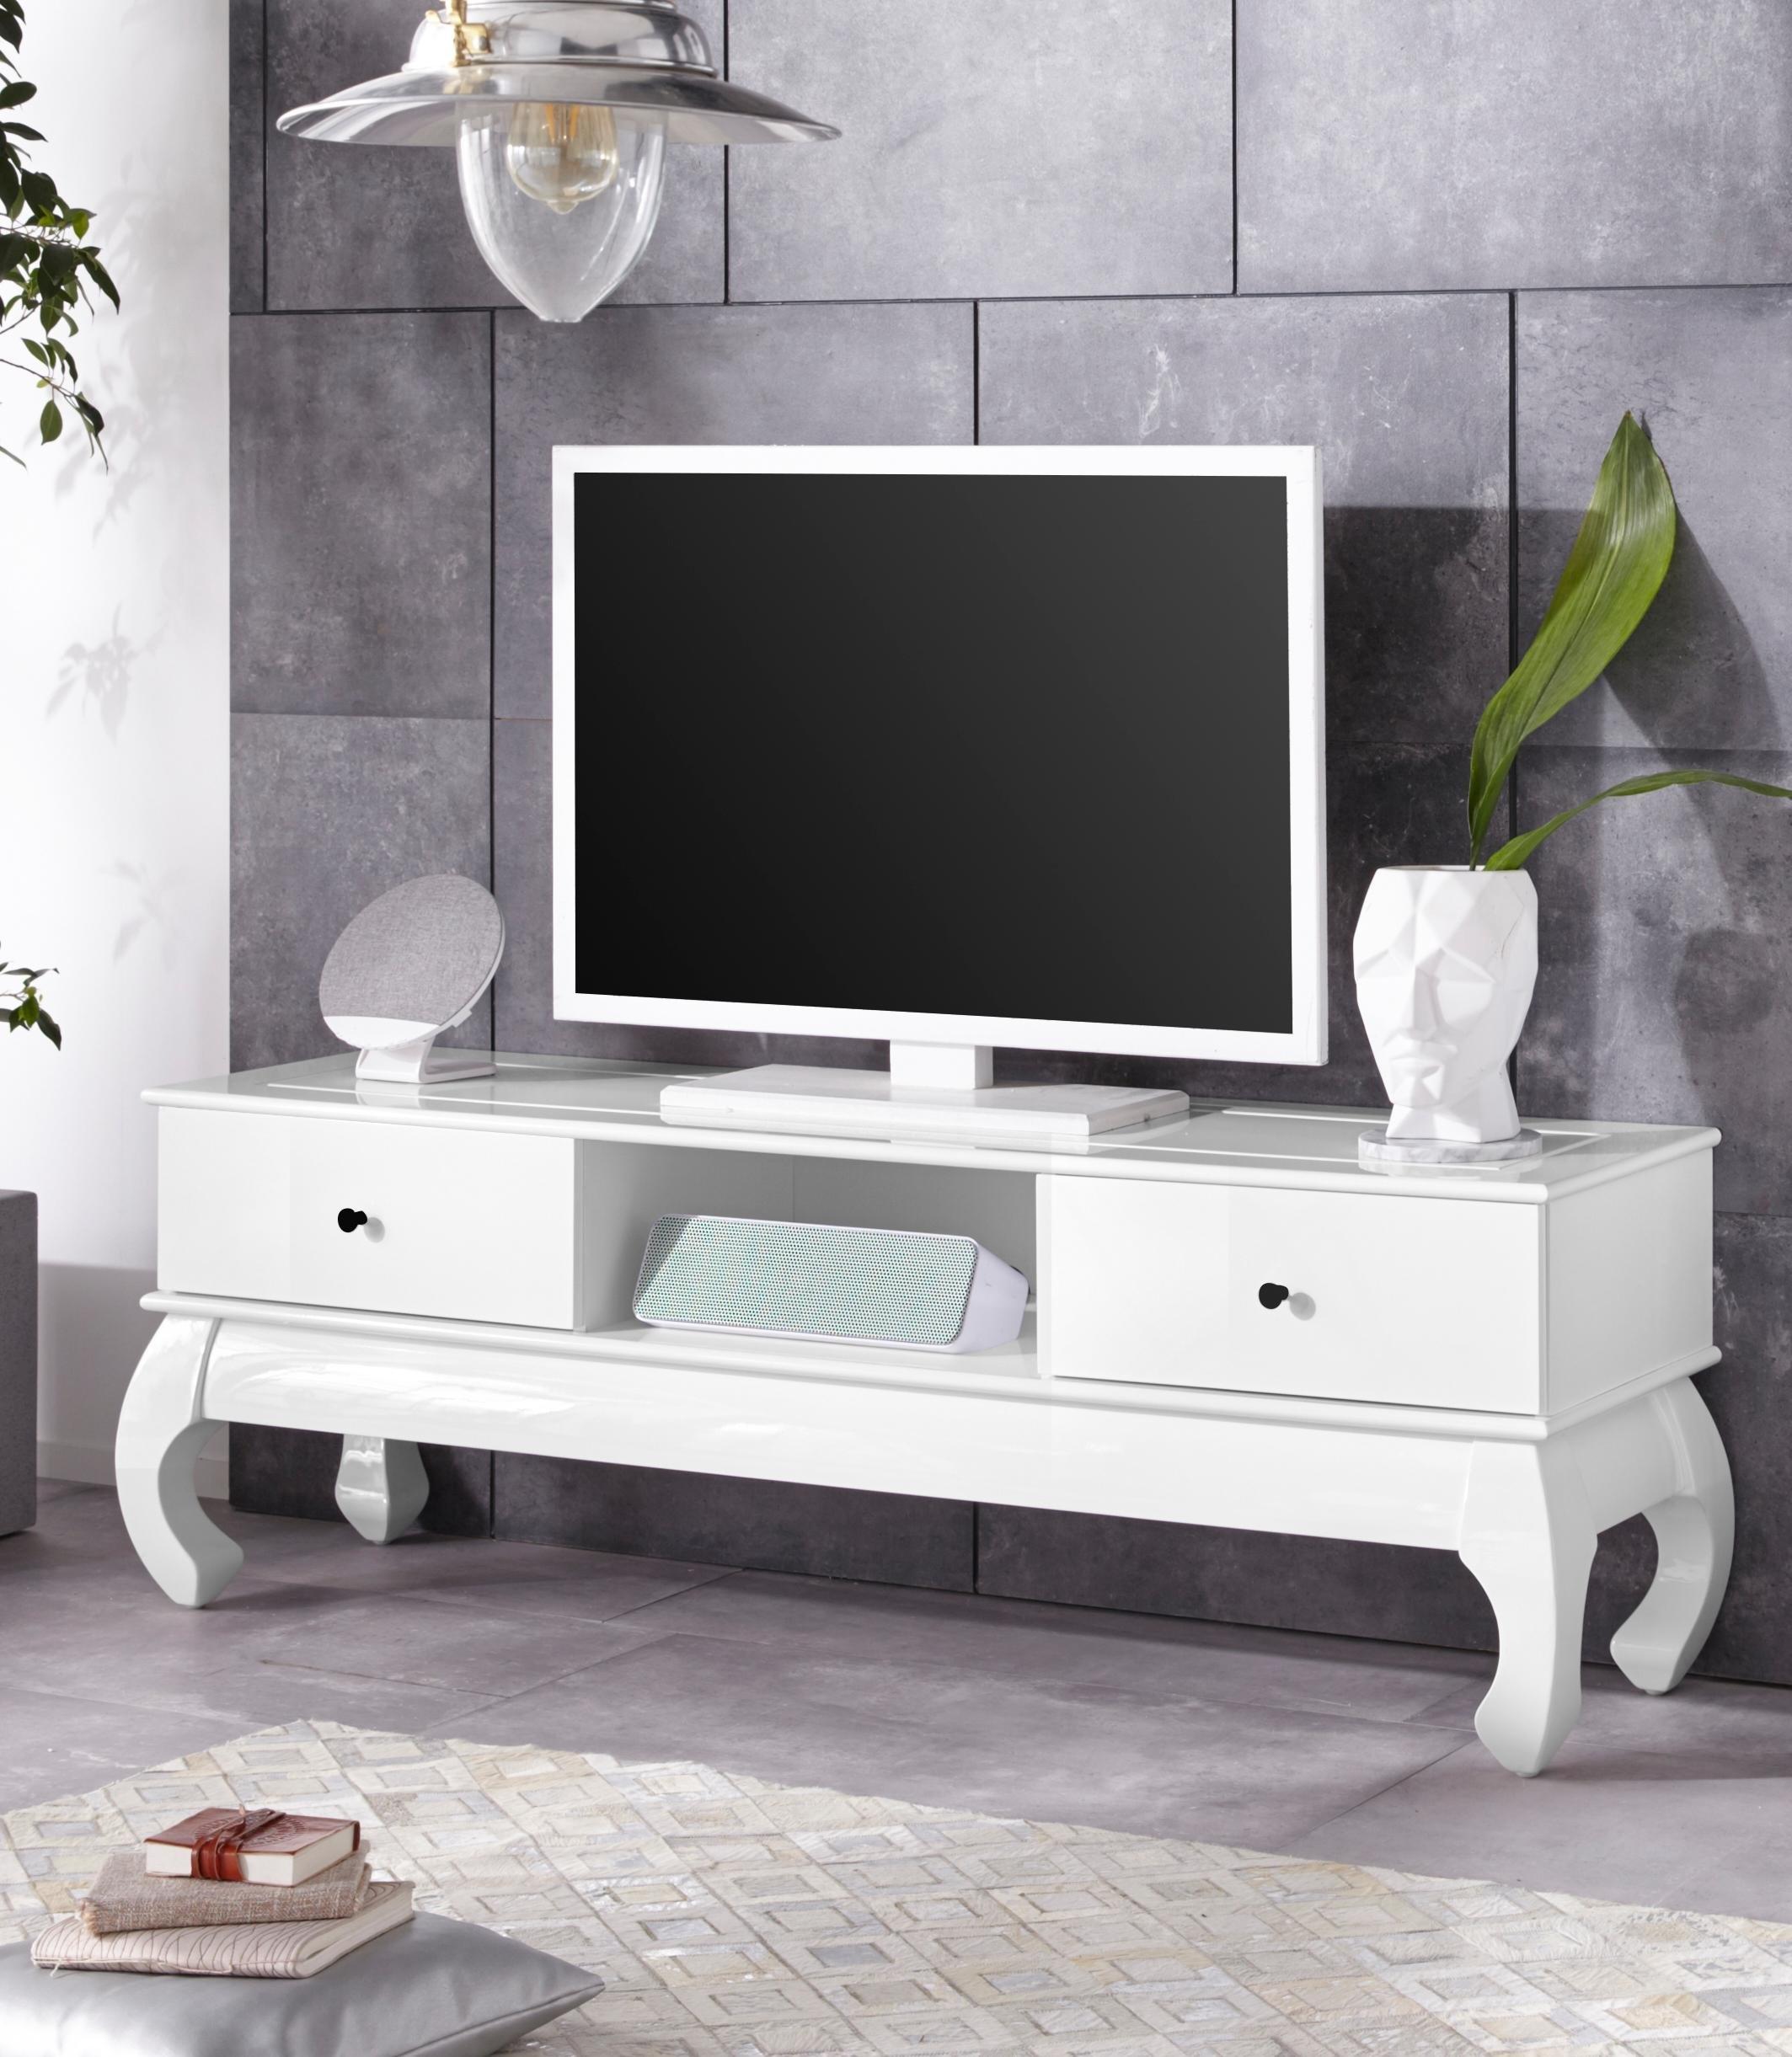 Homexperts tv-meubel »Opium 04«, breedte 159 cm nu online bestellen